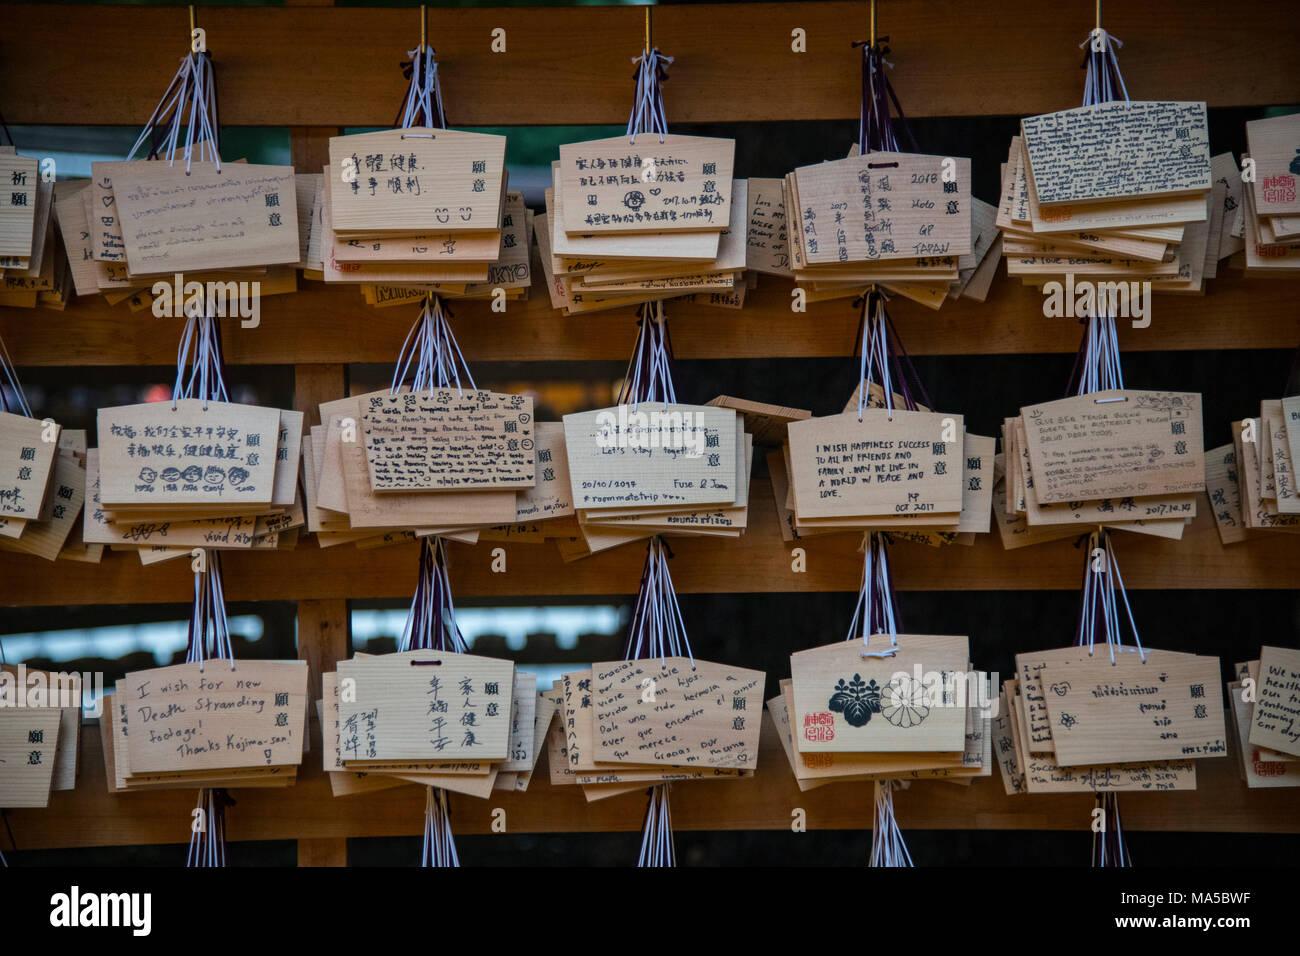 Asia, Giappone, Nihon, Nippon, Tokyo, Shibuya, giapponese in legno preghiera compresse con auguri Immagini Stock